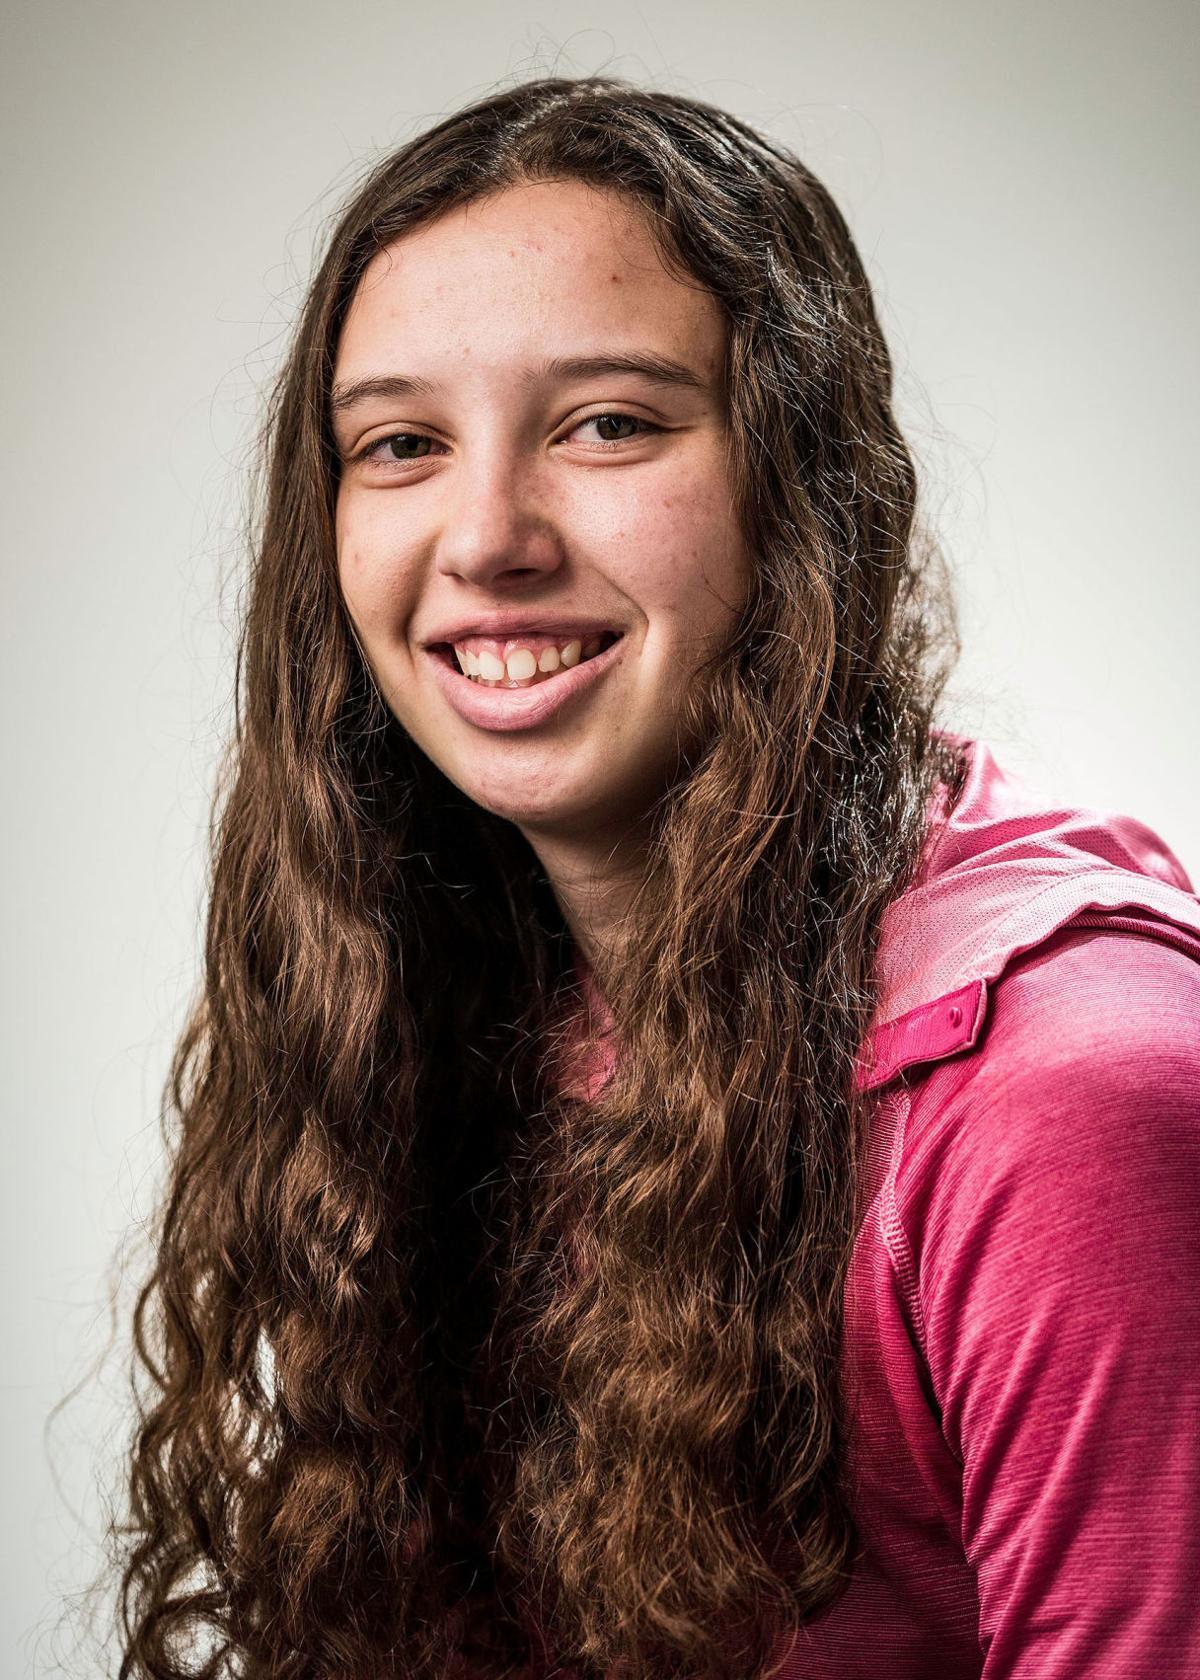 Brooke Anders